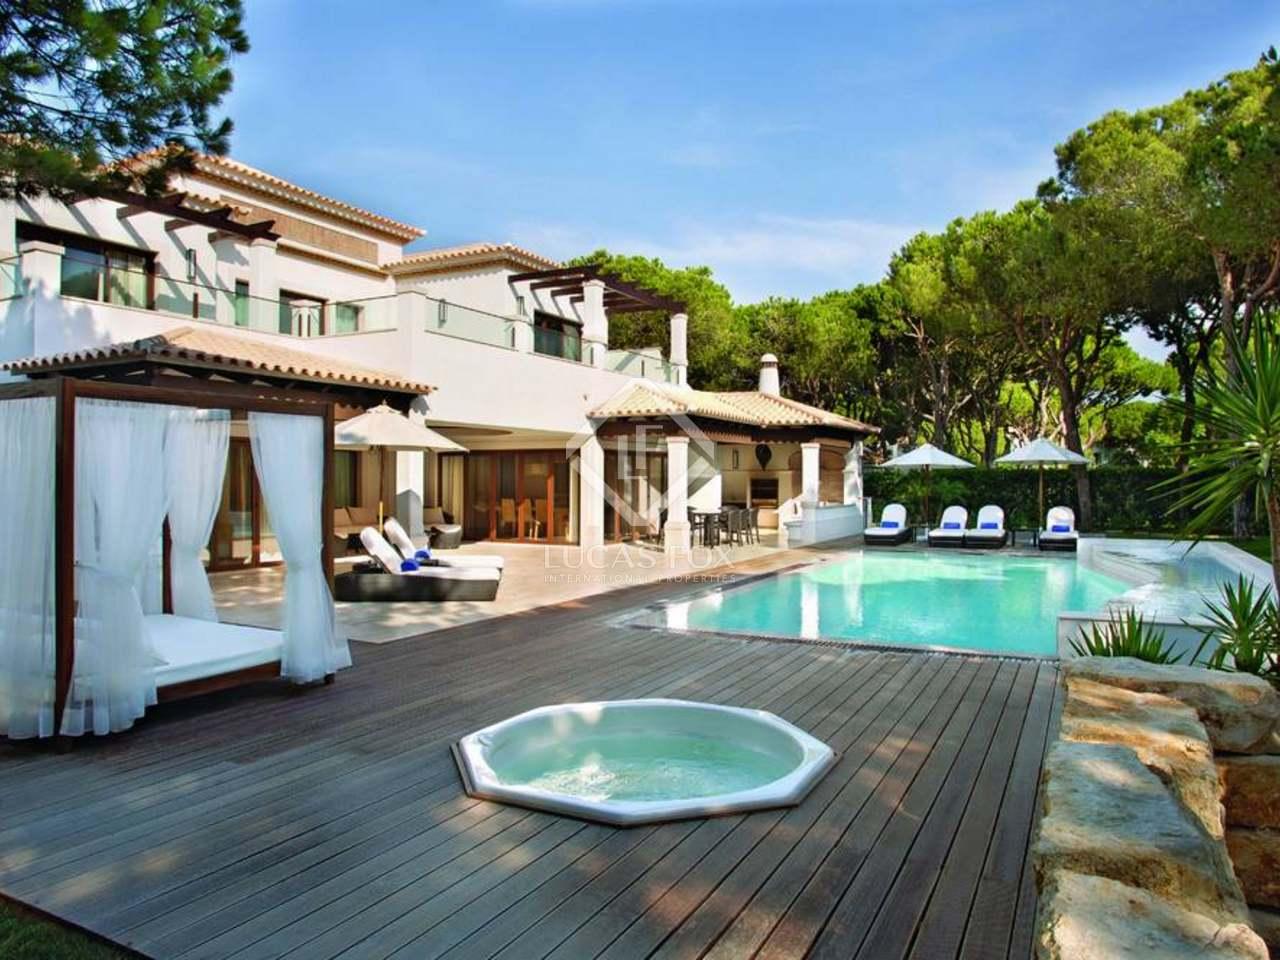 306m² Haus Villa mit 2 042m² garten zum Verkauf in Algarve